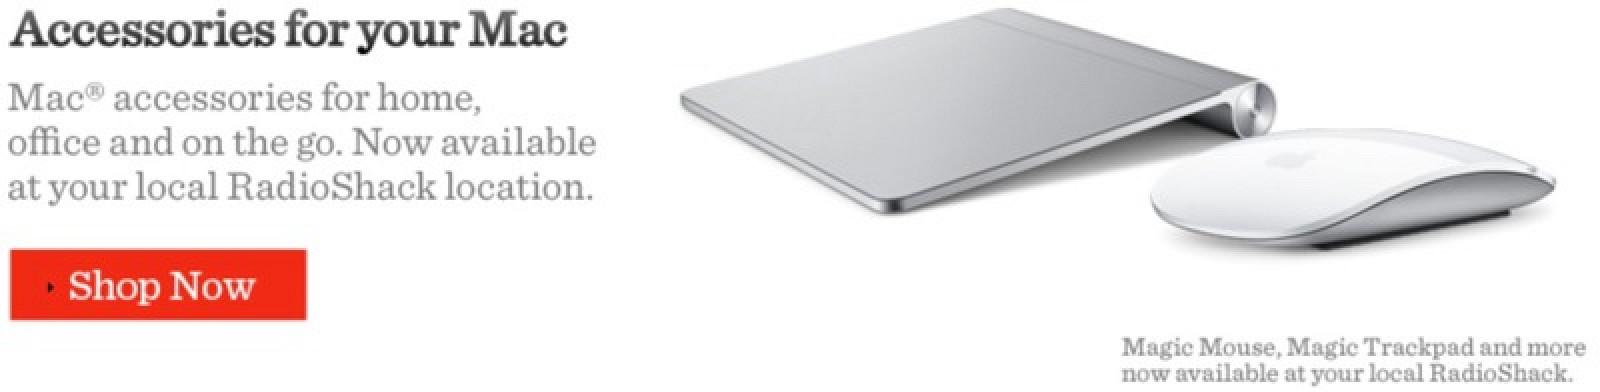 dd63f75f7f6 RadioShack Now Offering Mac Accessories - MacRumors